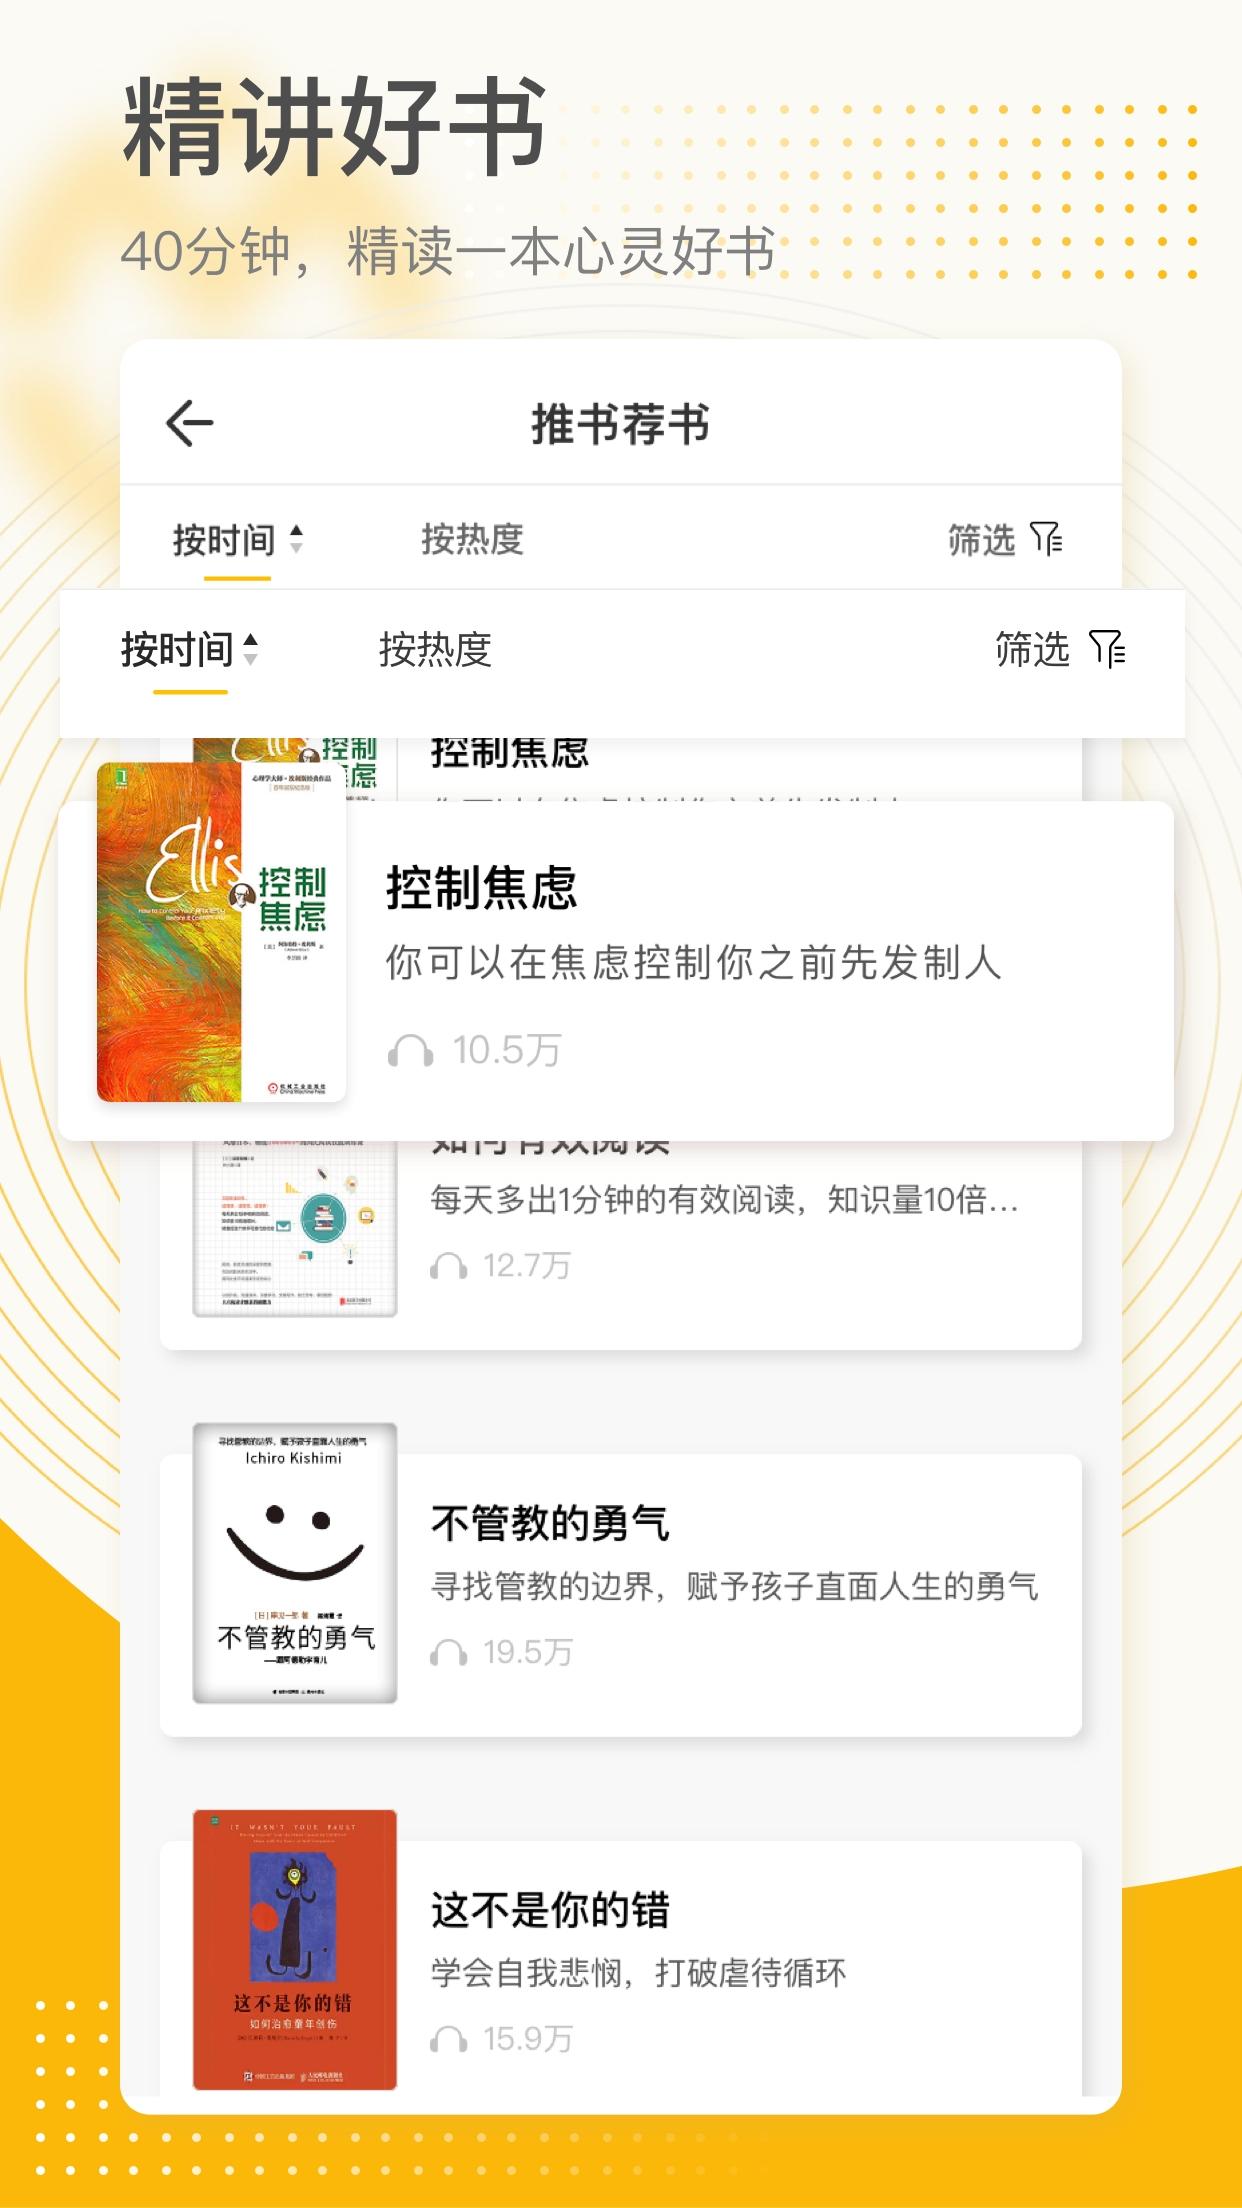 全民幸福社 V4.9.7 安卓版截图2